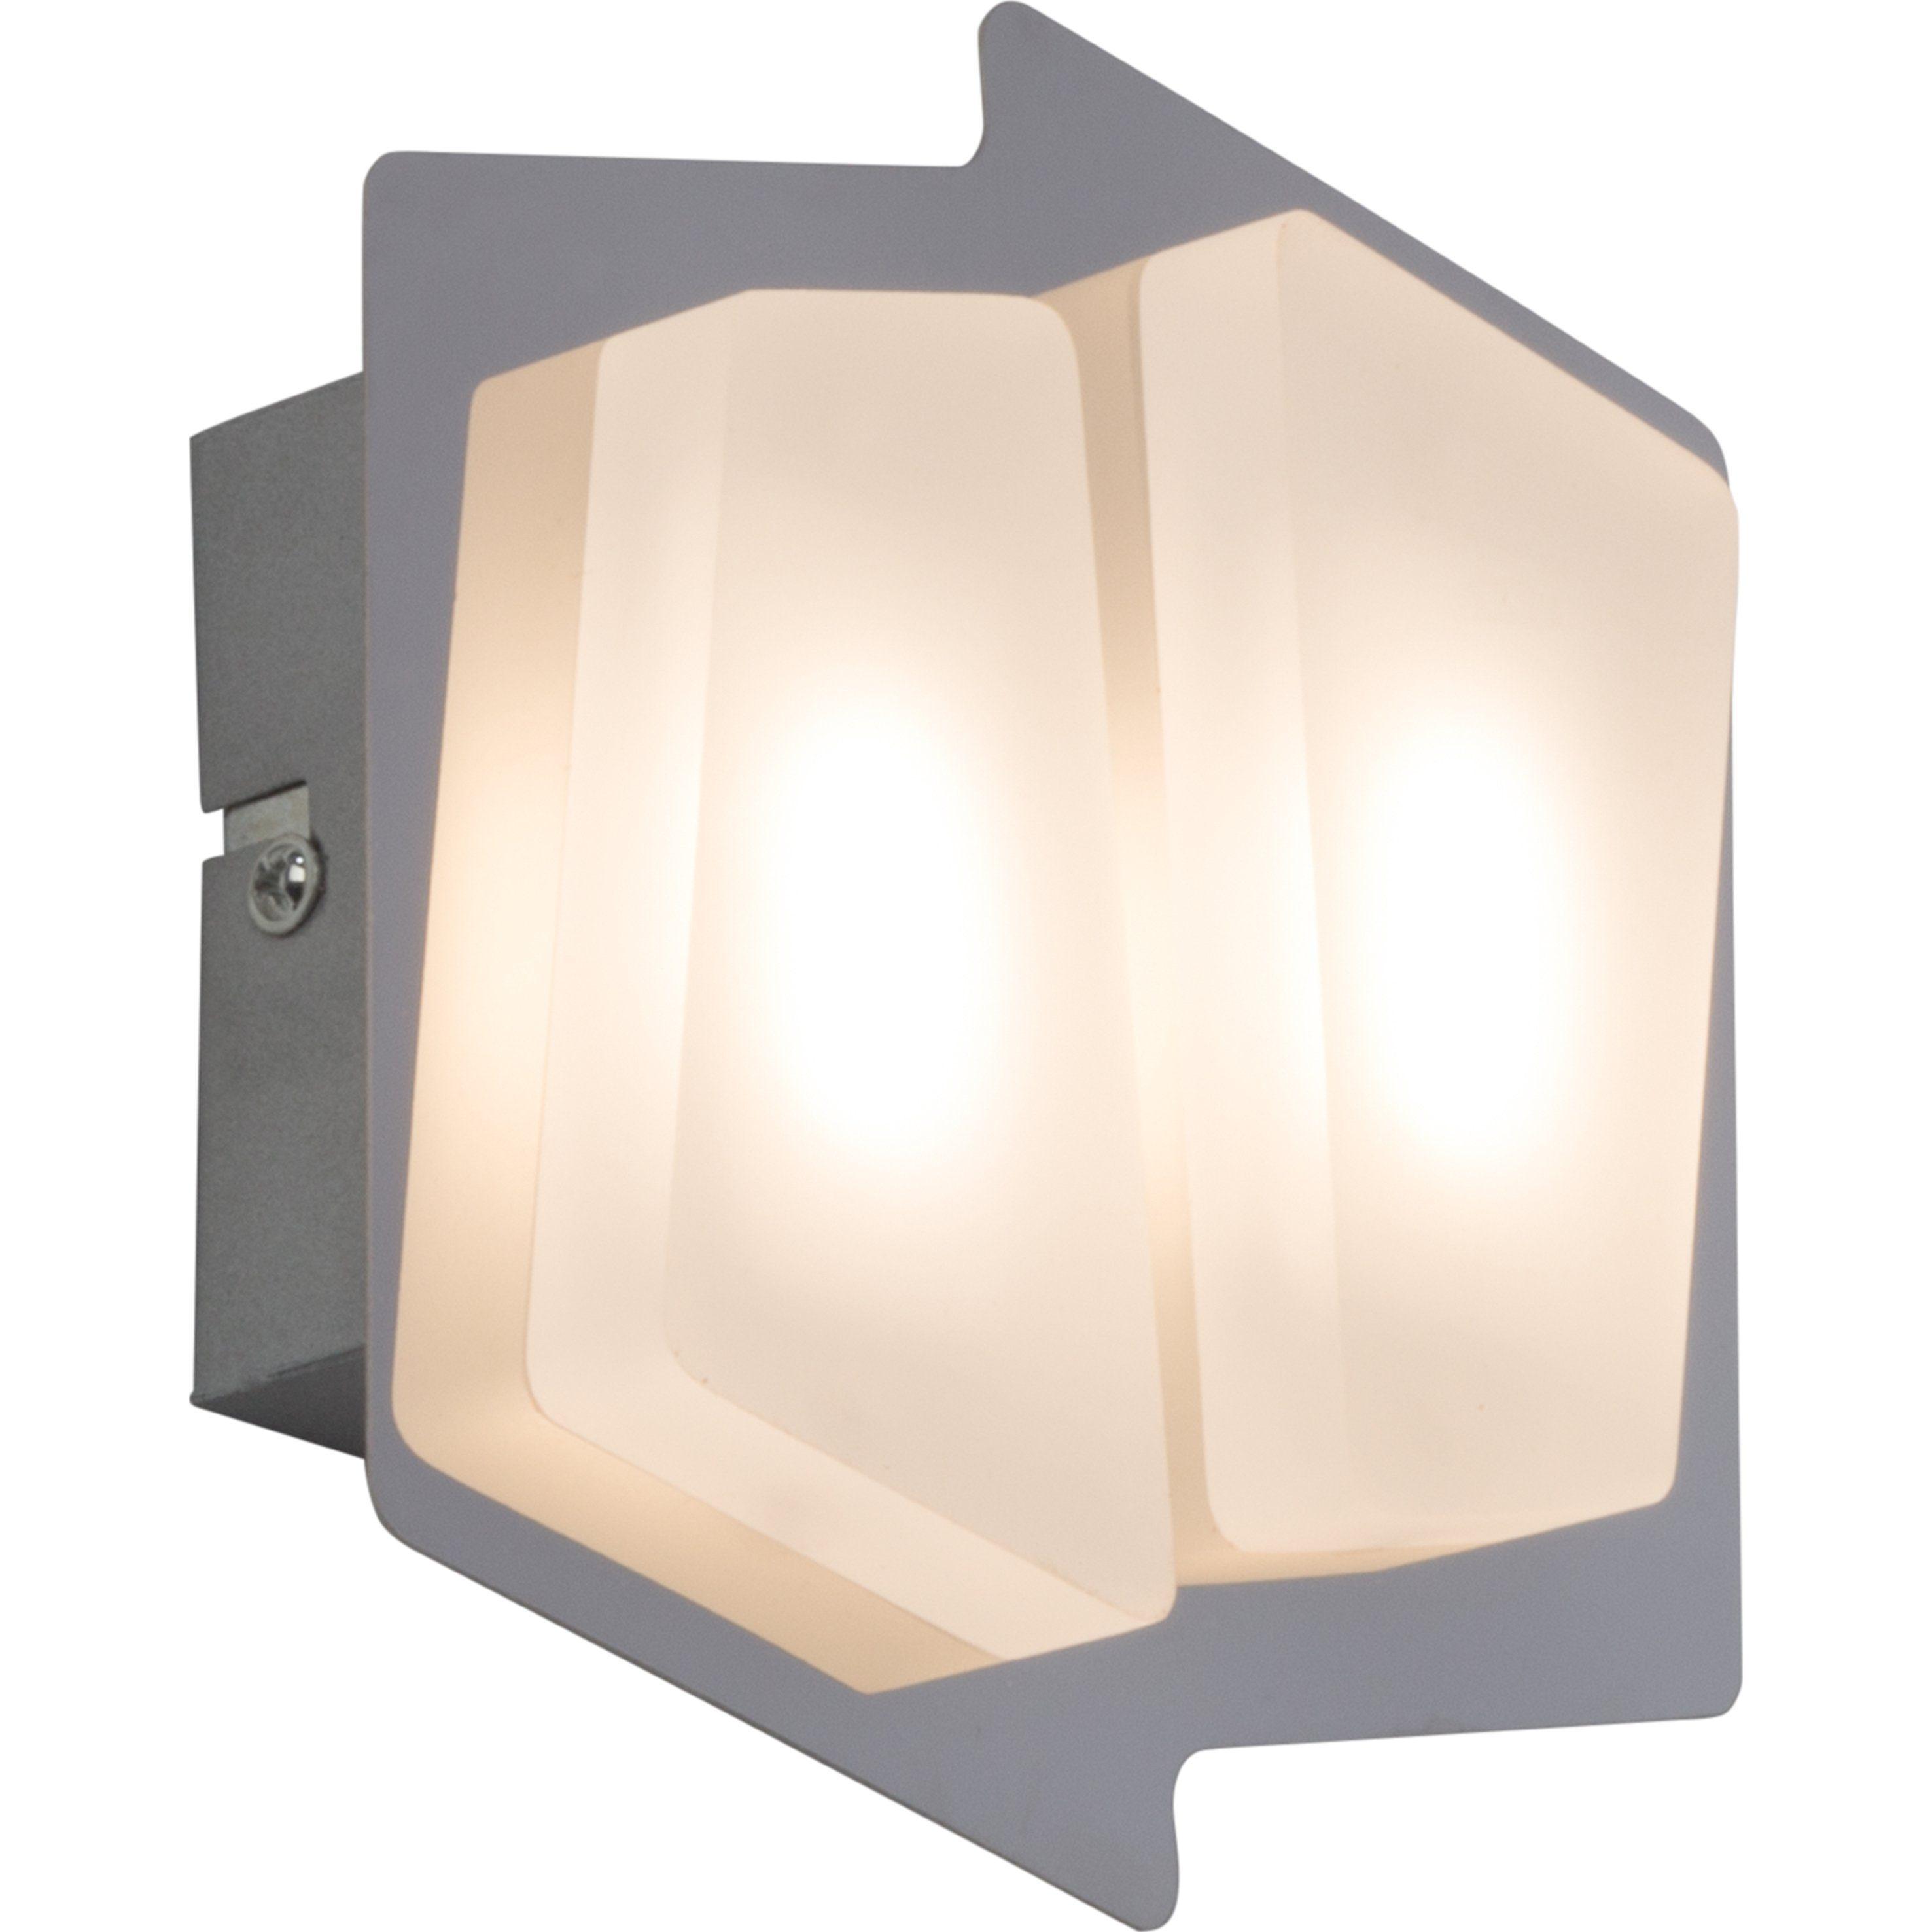 Brilliant Leuchten Block LED Wandleuchte, 2-flammig chrom/weiß